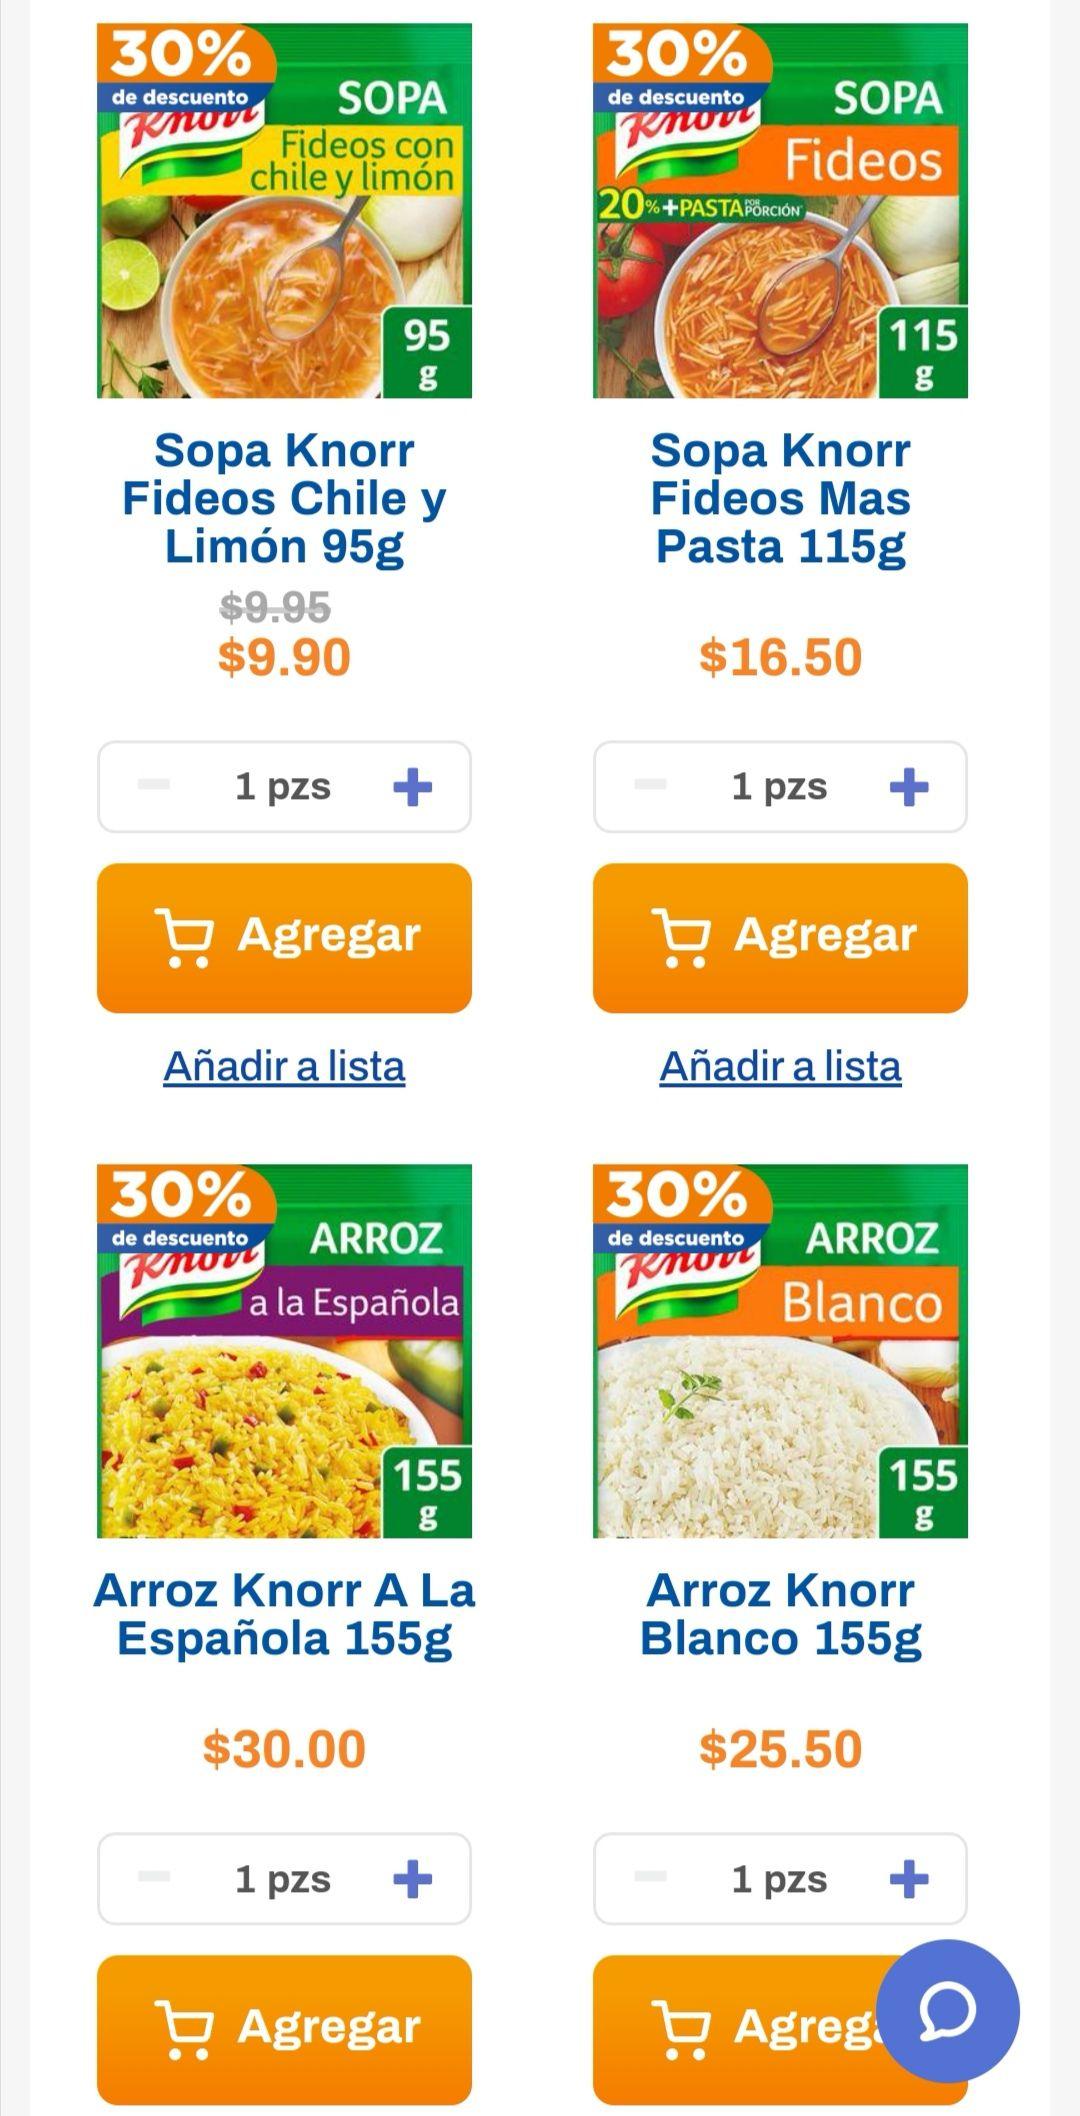 Chedraui: 30% de descuento en sopas Knorr